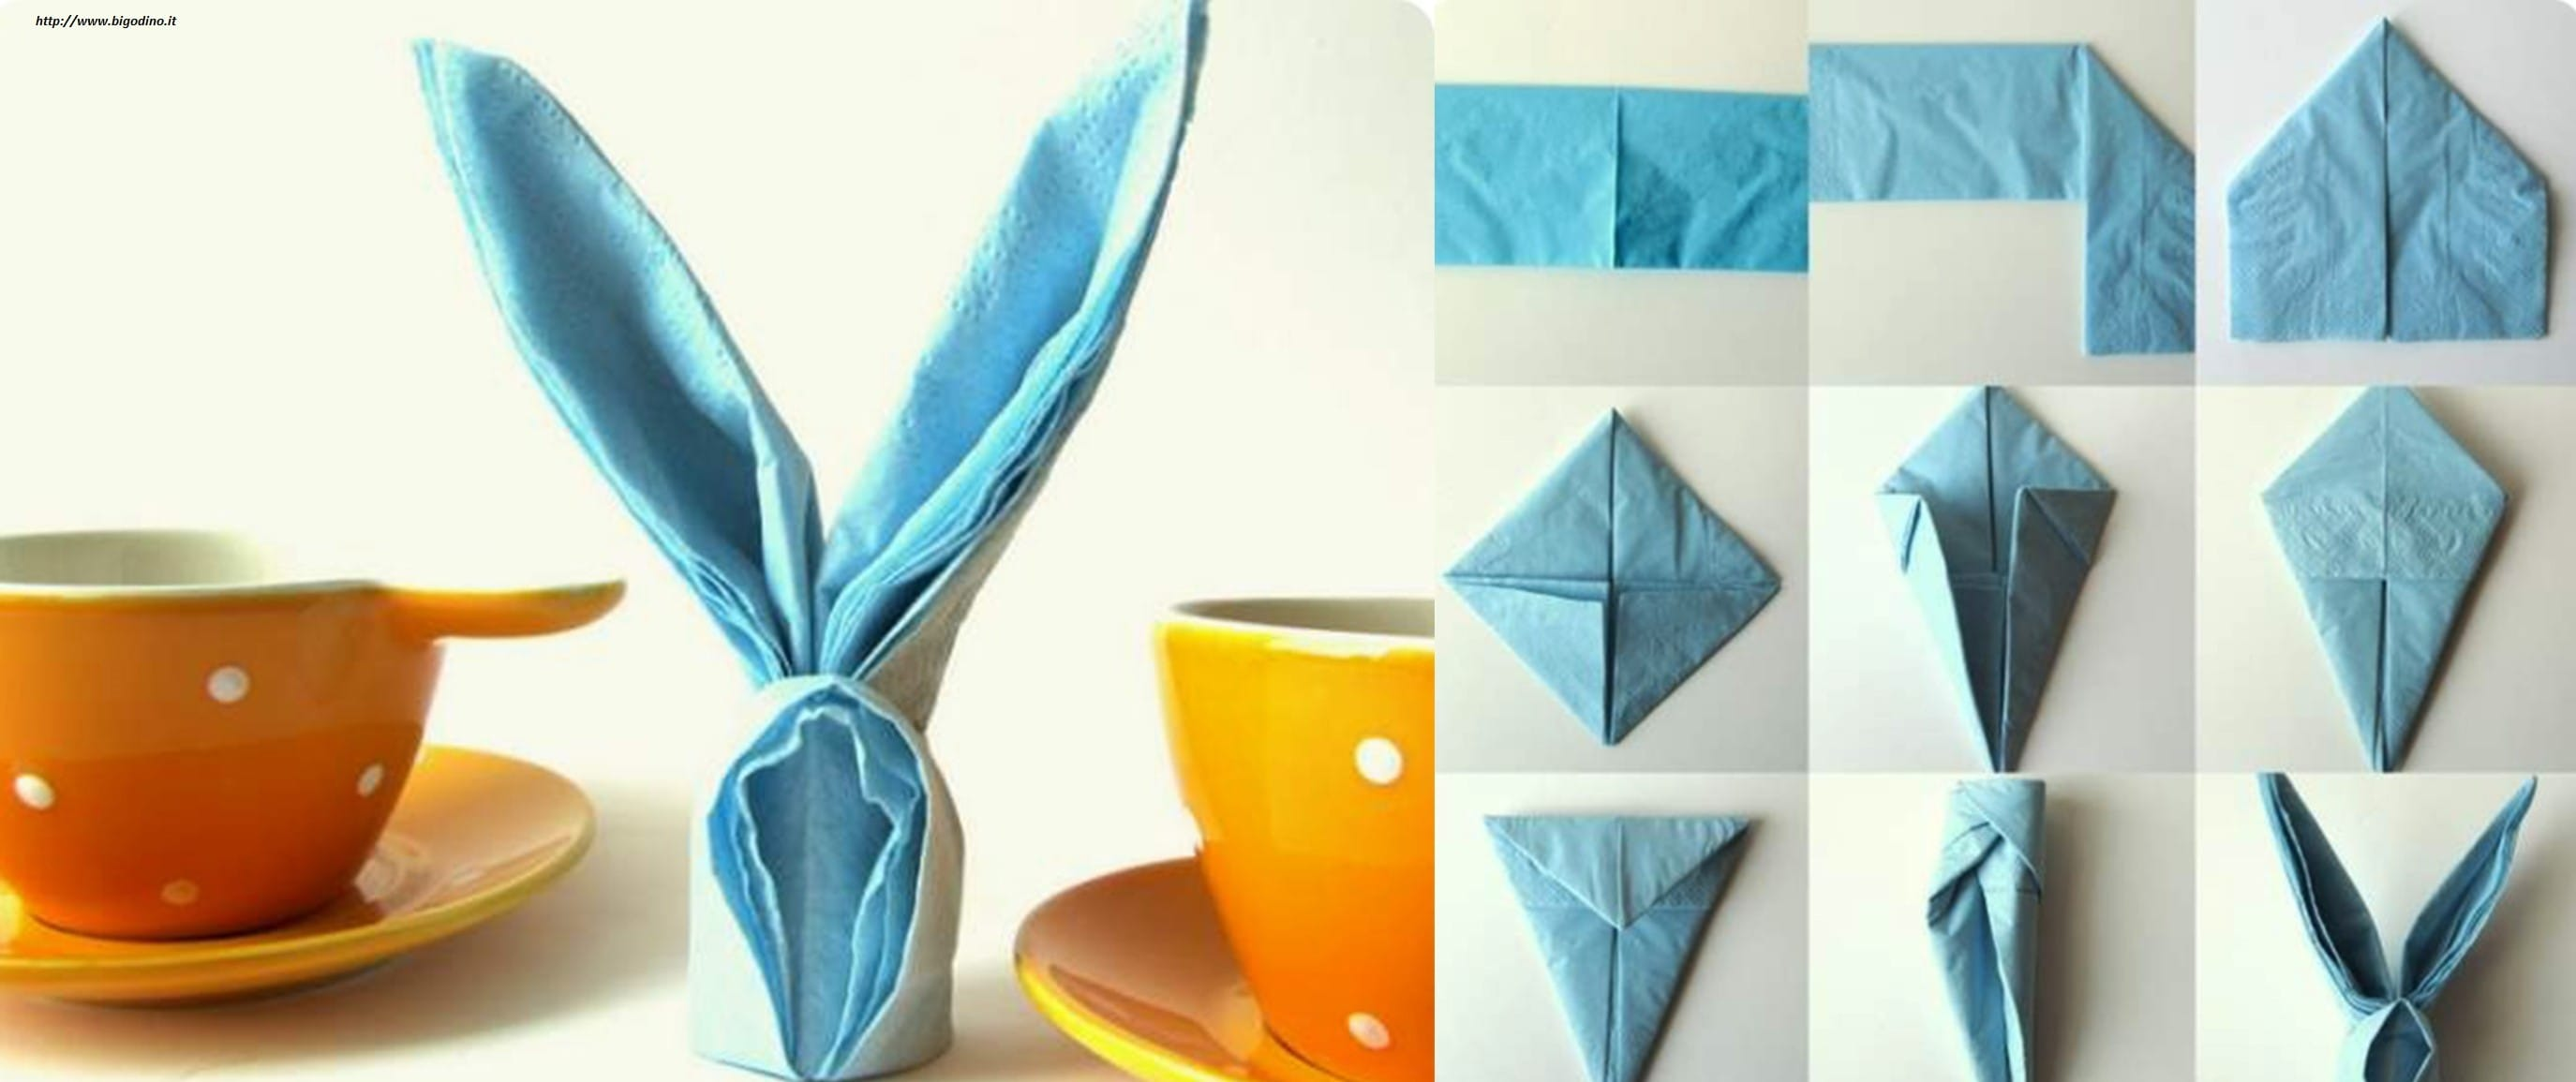 Piegare Tovaglioli Di Carta come riutilizzare i tovaglioli di carta - non sprecare